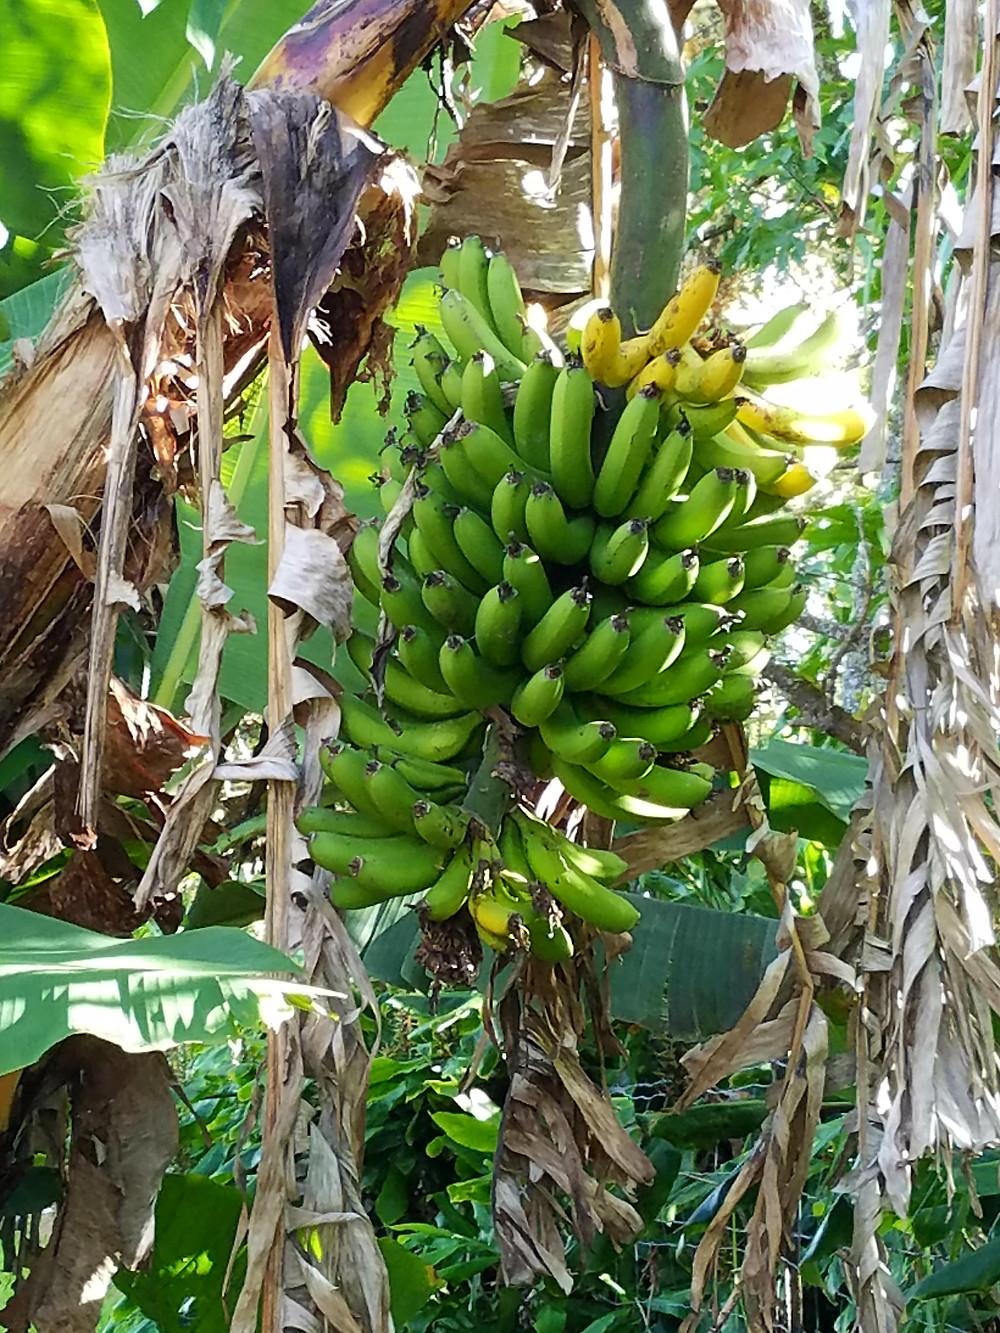 Banany z mojego ogrodu. Gotowych do zerwania kiści jest w chwili obecnej aż dziewięć. Fot. Mariola Johnson